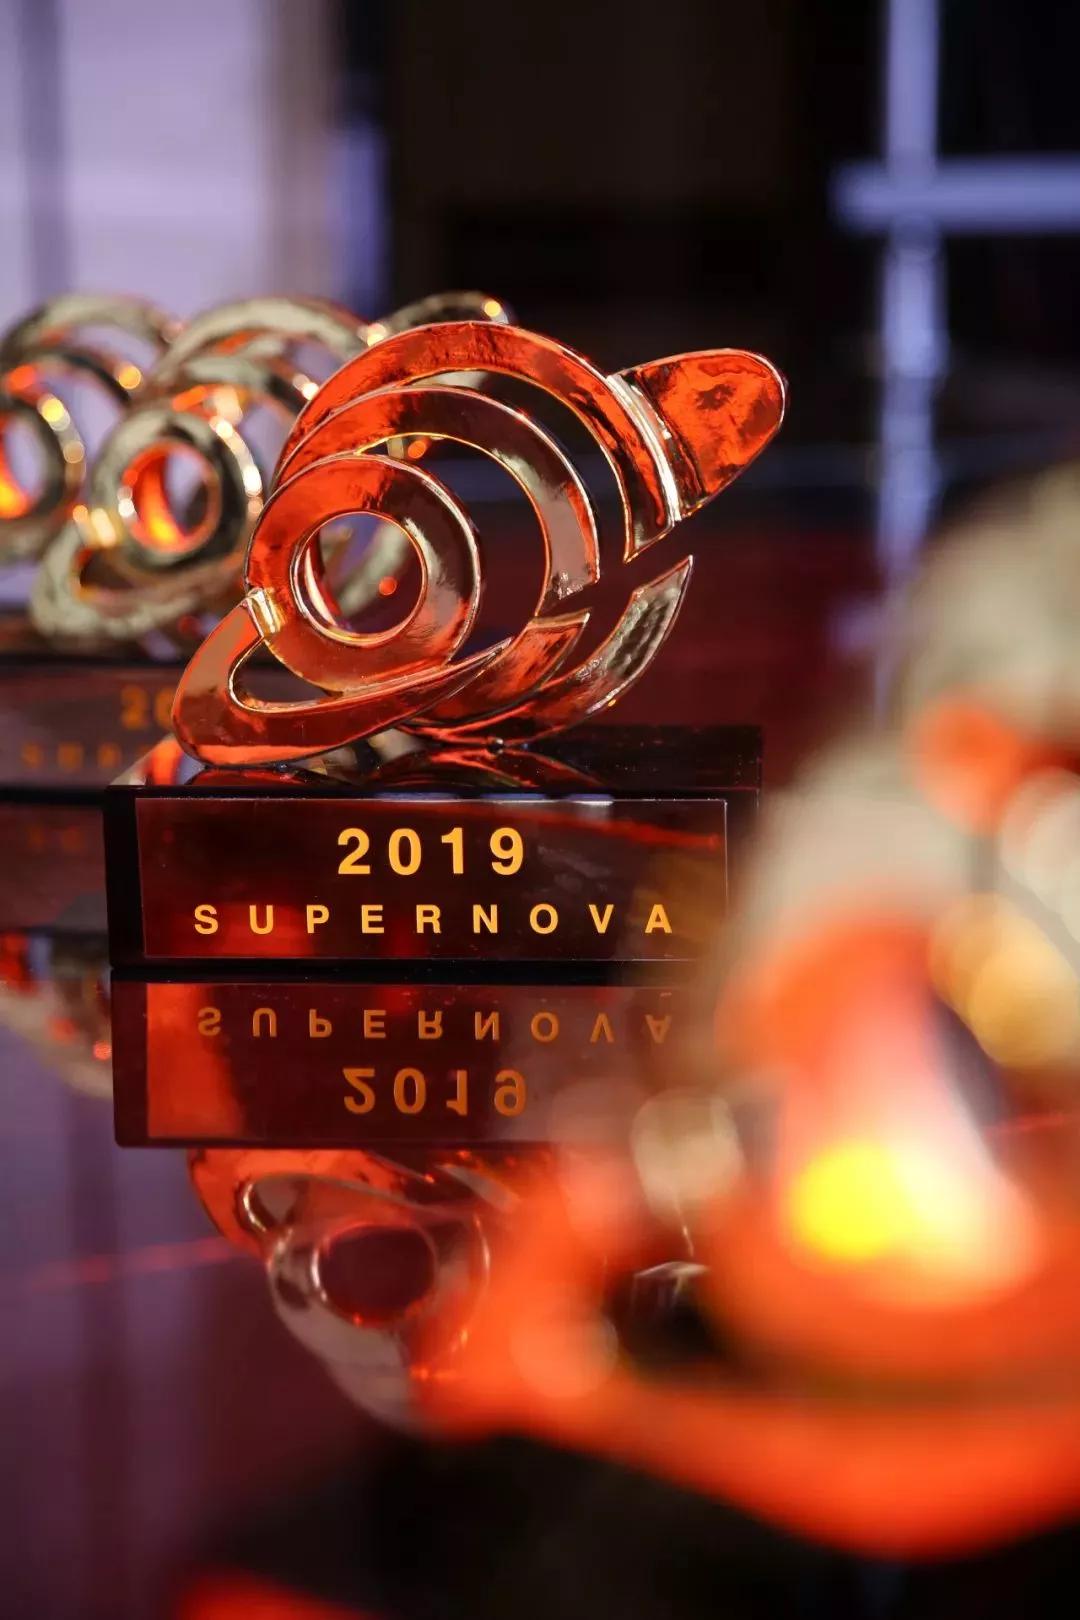 揭秘阿里巴巴经济体年度市场创新奖